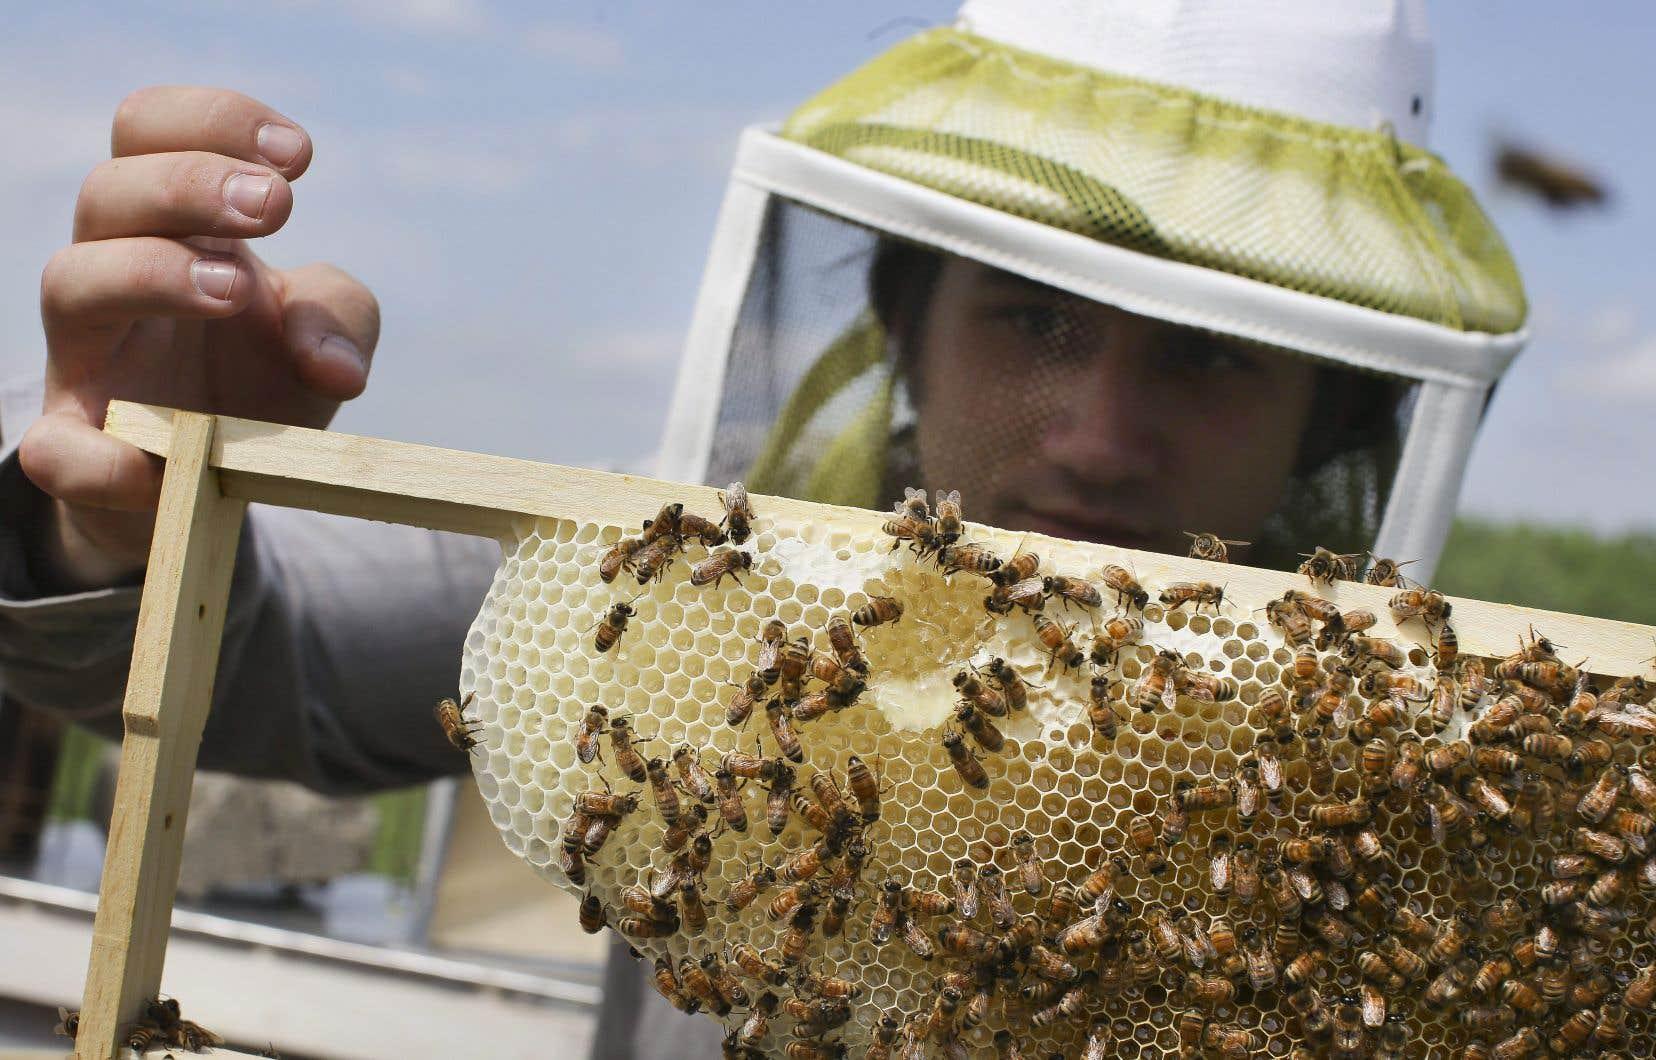 C'est en Amérique du Nord que la proportion de miel contaminé est la plus élevée, soit pour 86 % des échantillons, révèle une étude publiée aujourd'hui dans la prestigieuse revue «Science».